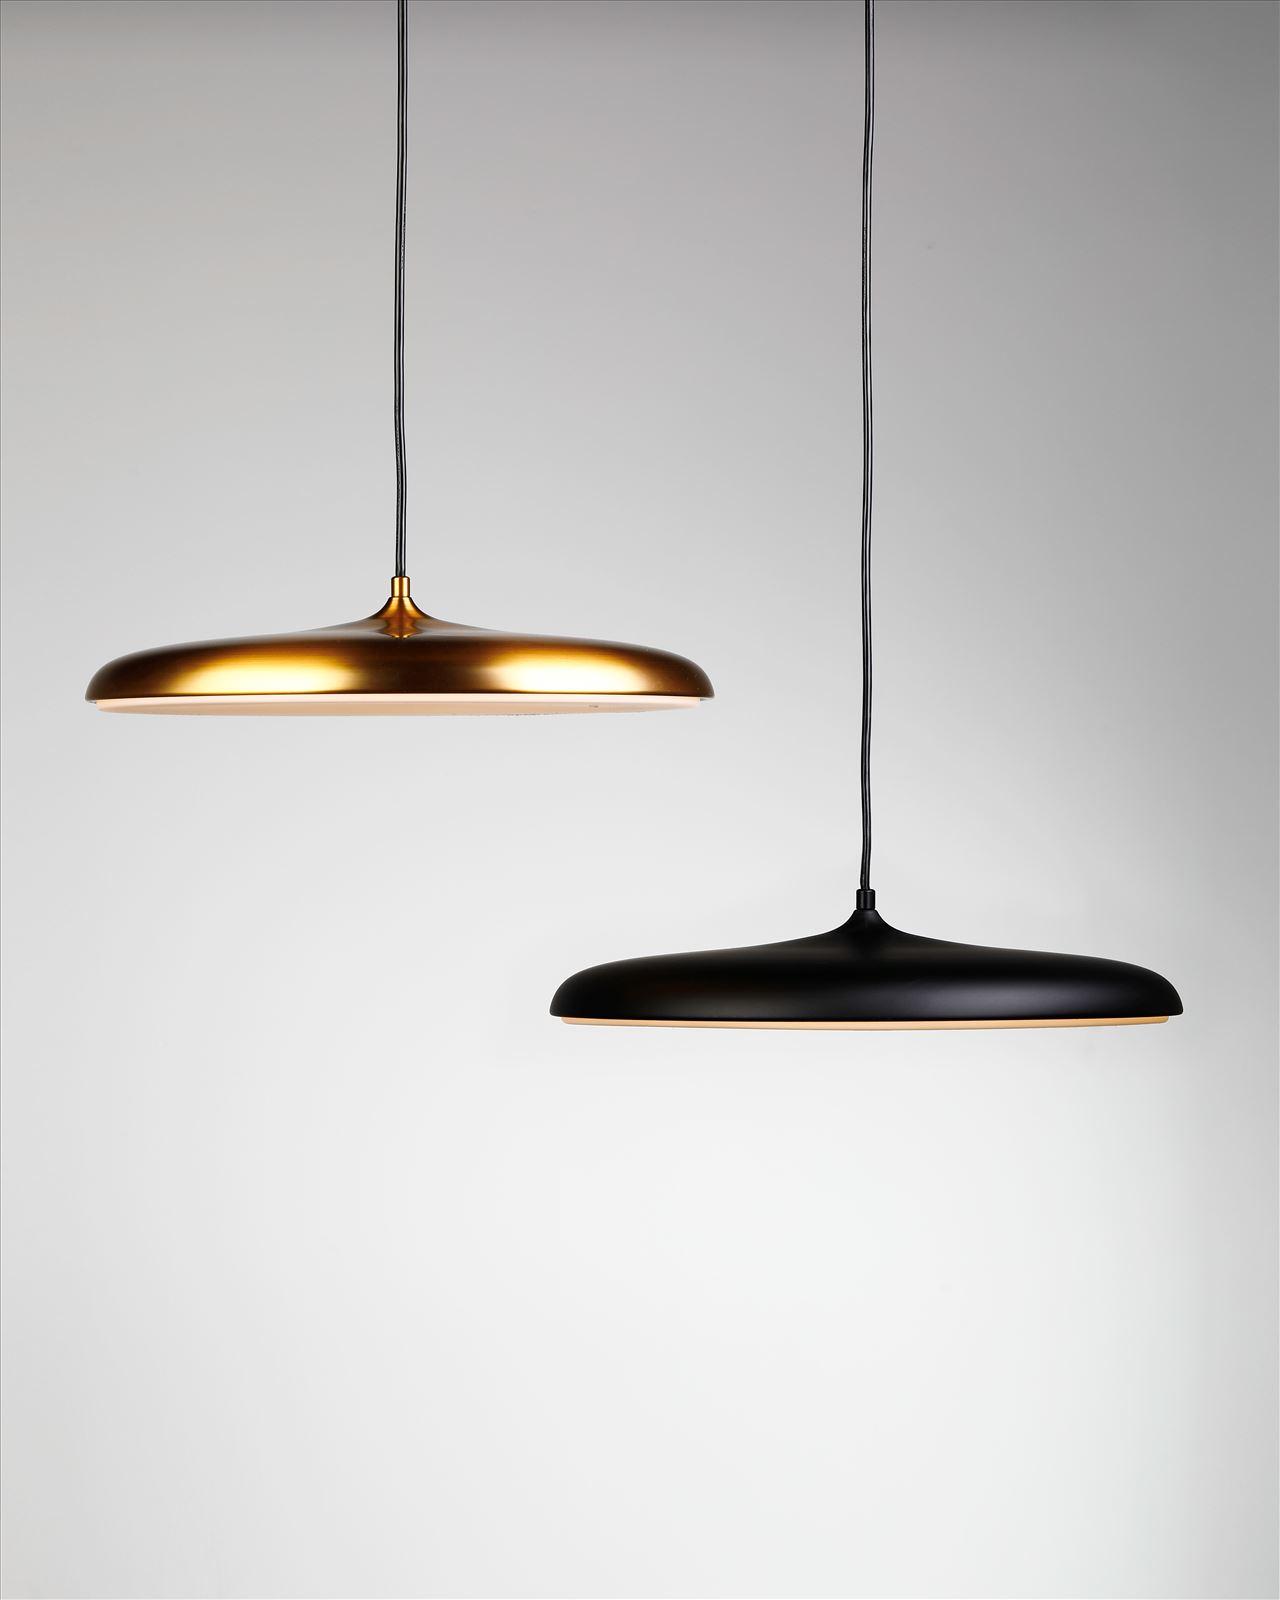 גופי תאורה בקטגוריית: מנורות תלויות ,שם המוצר: shavit 250